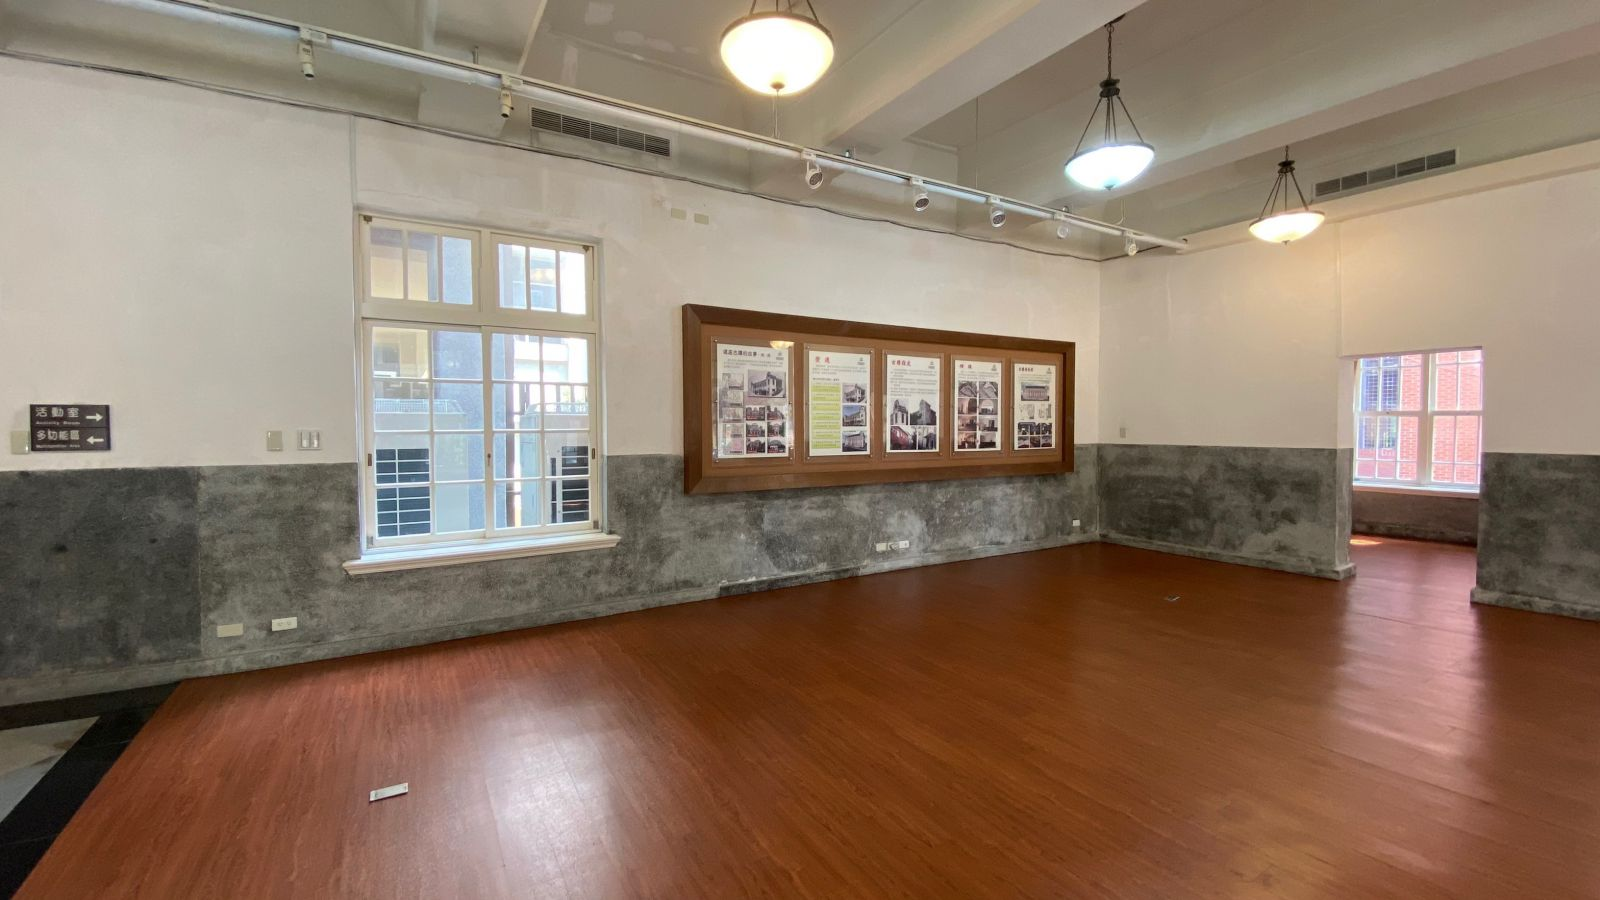 1樓展示區空間示意圖二